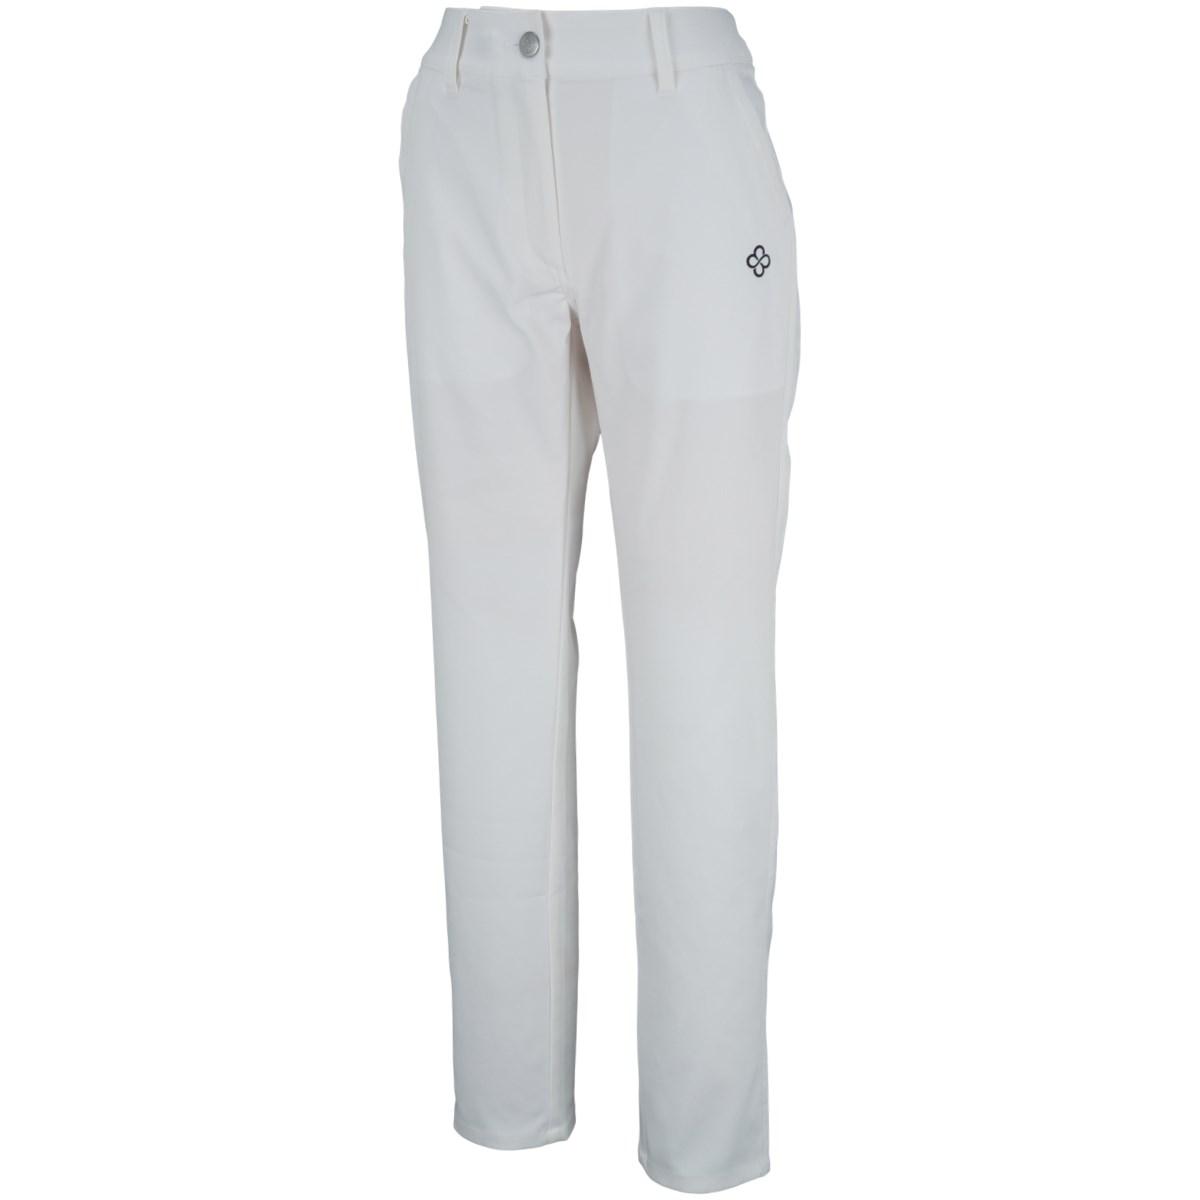 [2021年春夏モデル] マリクレール marie claire ストレッチ パンツ オフホワイト レディース ゴルフウェア